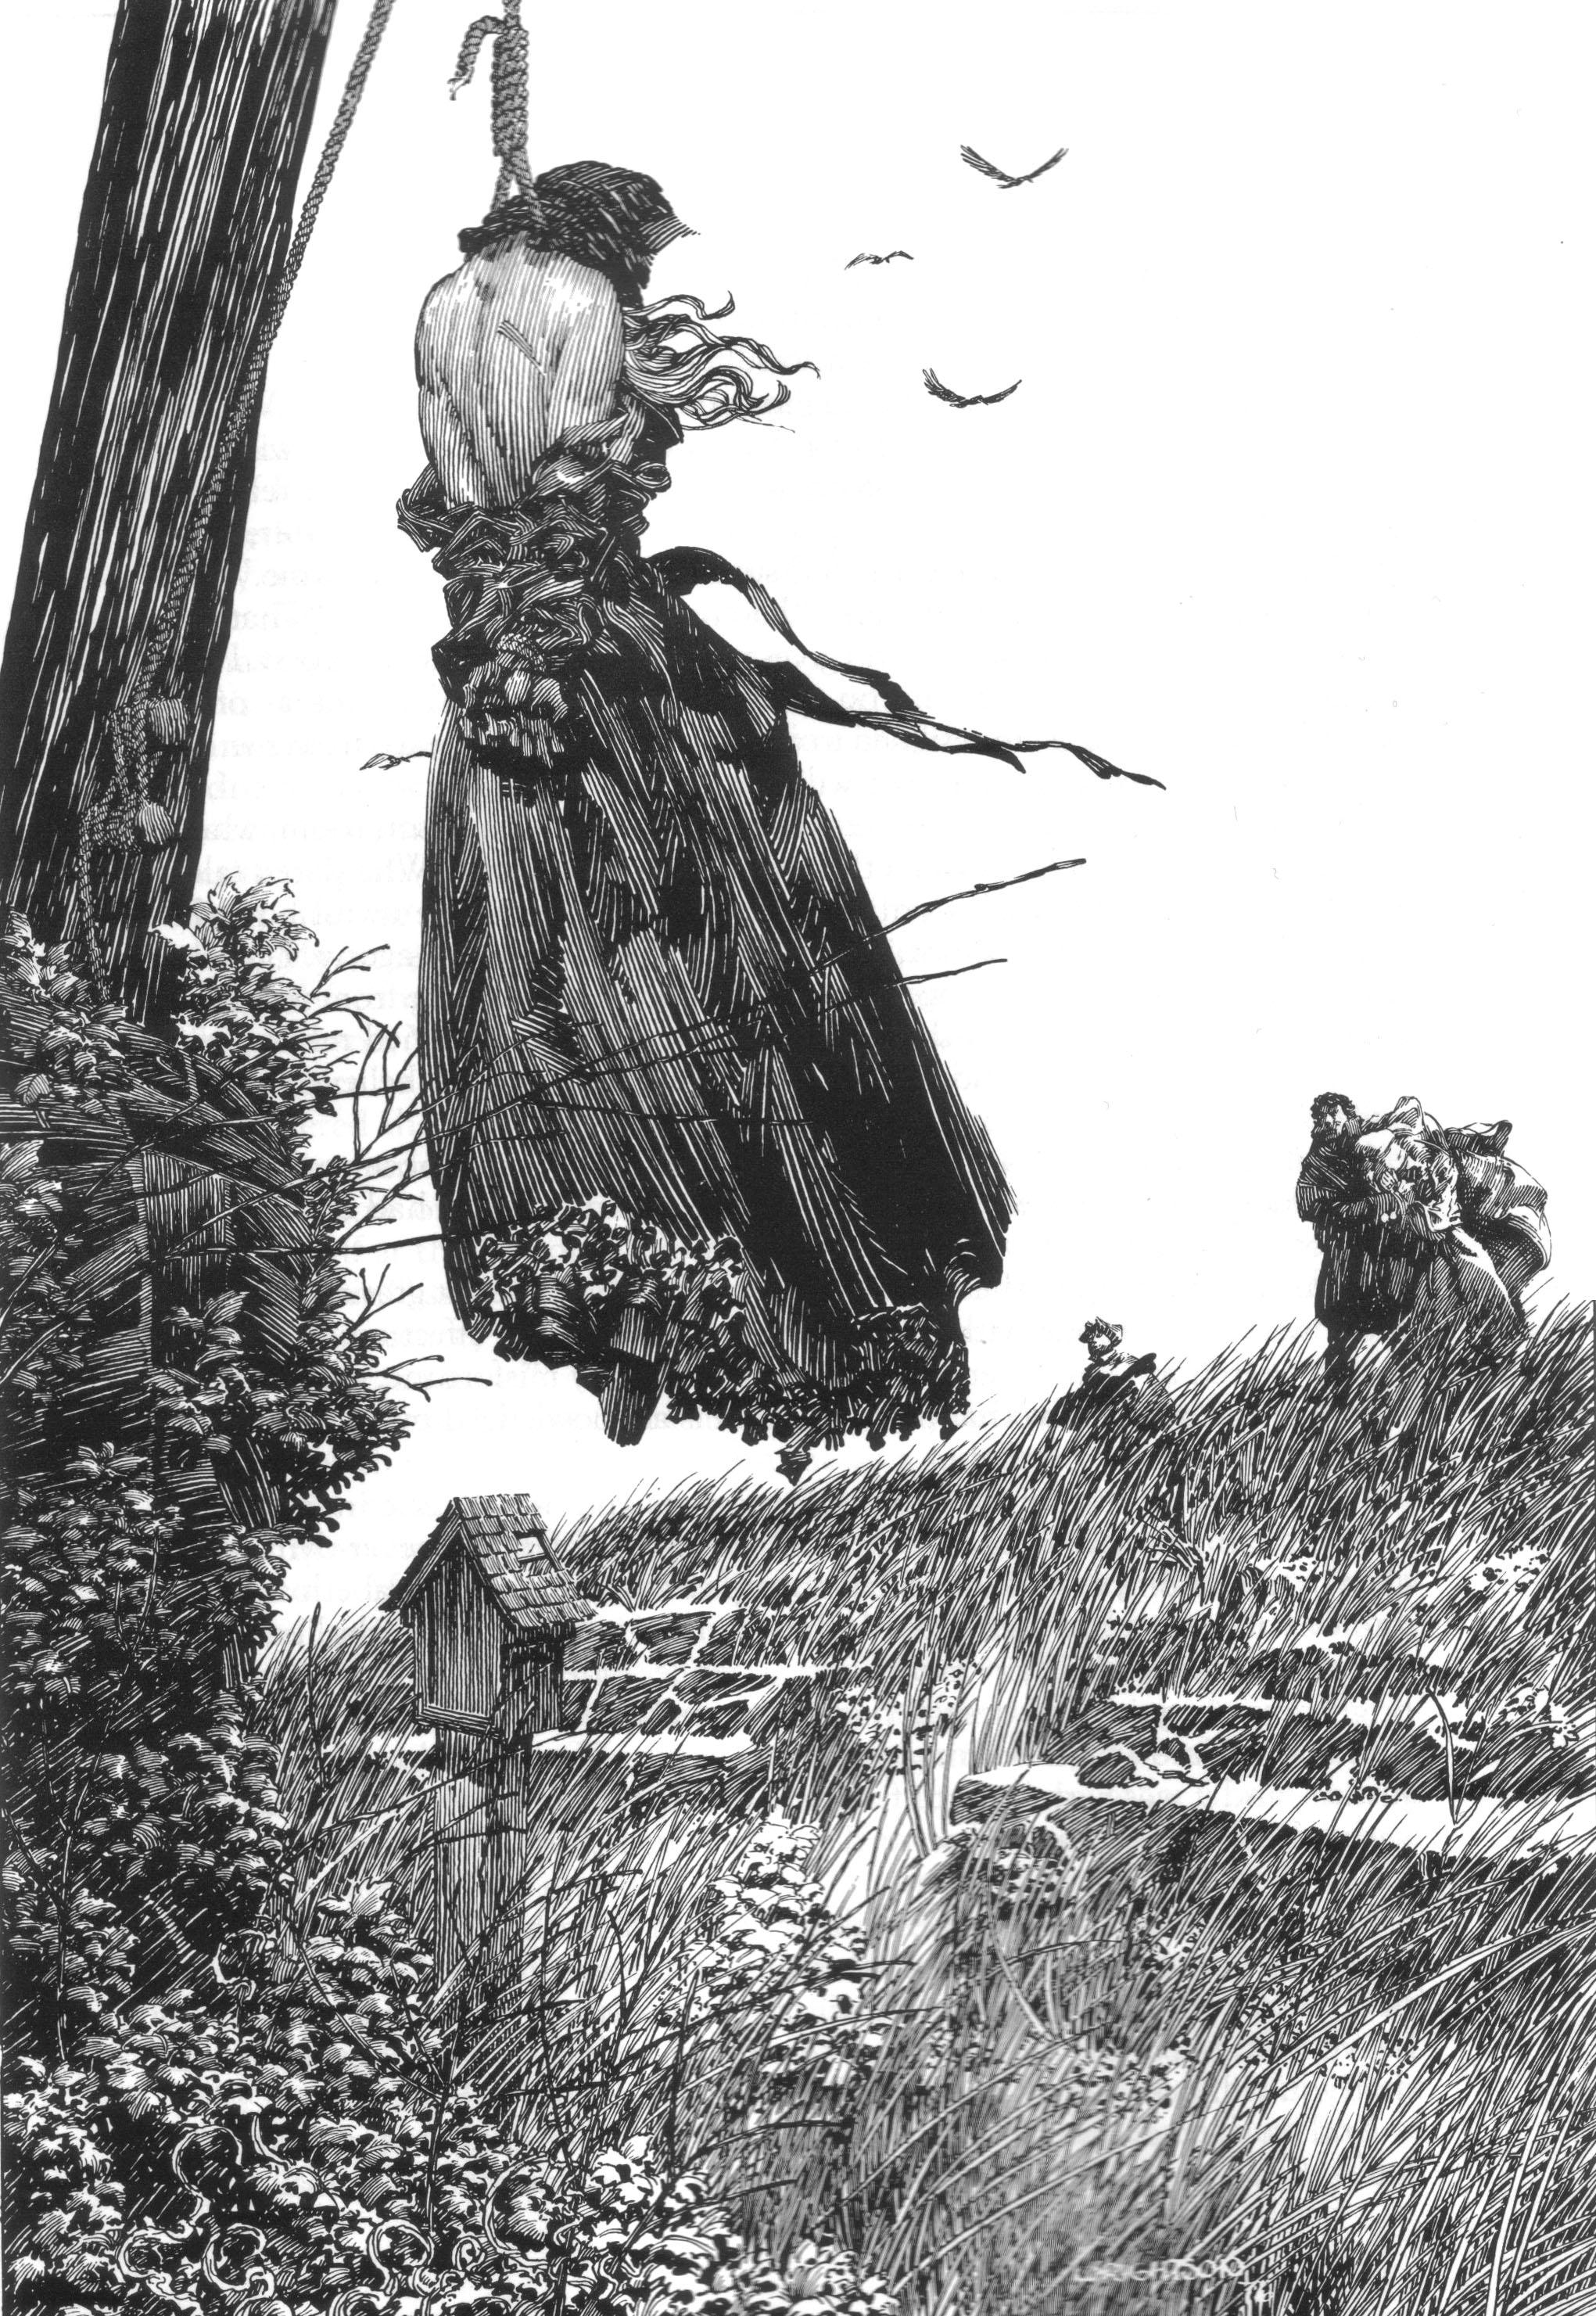 Read online Bernie Wrightson's Frankenstein comic -  Issue # Full - 17